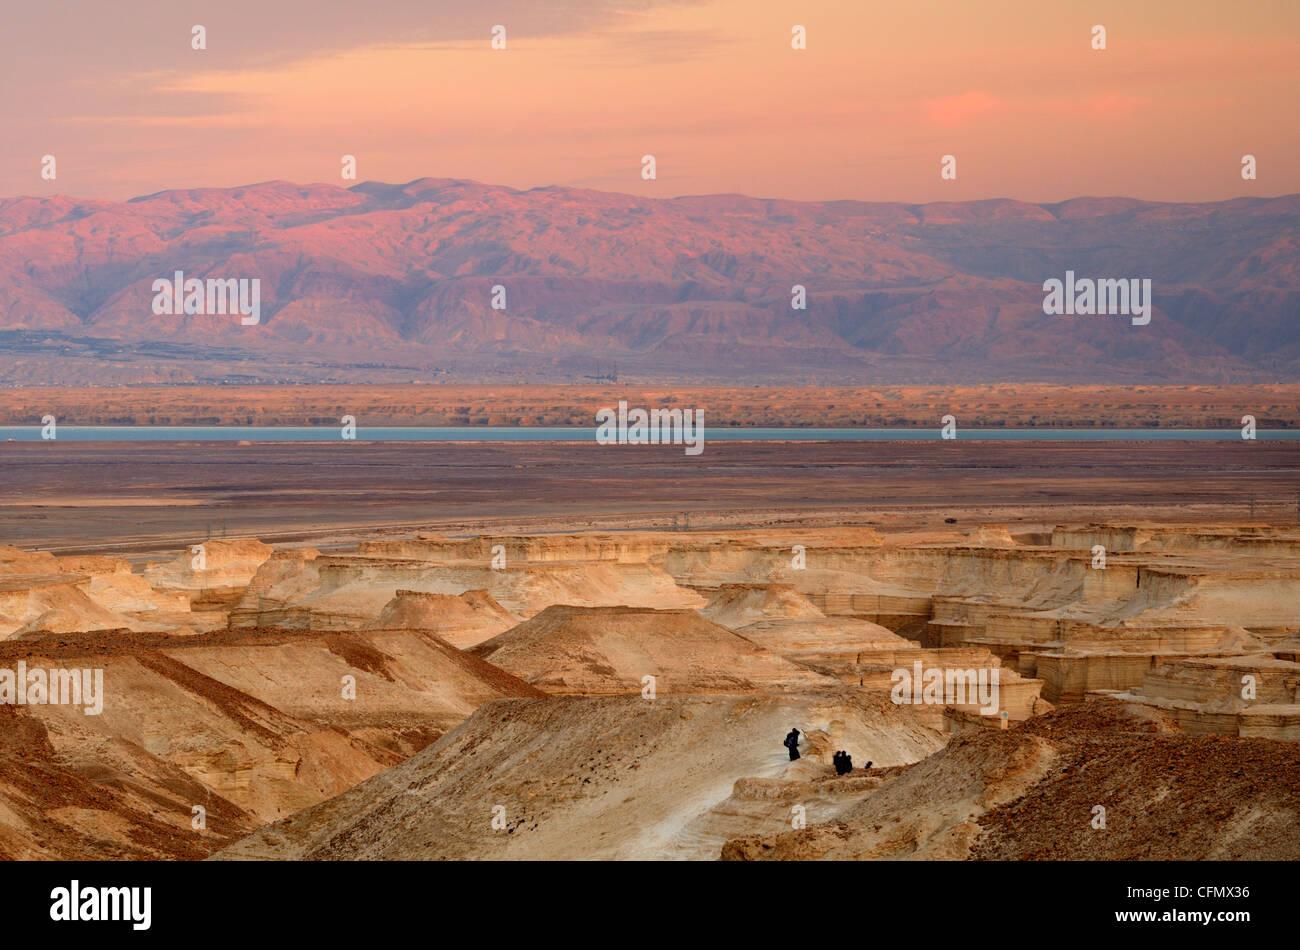 Paysage du désert de Judée près de la mer Morte en Israël Photo Stock